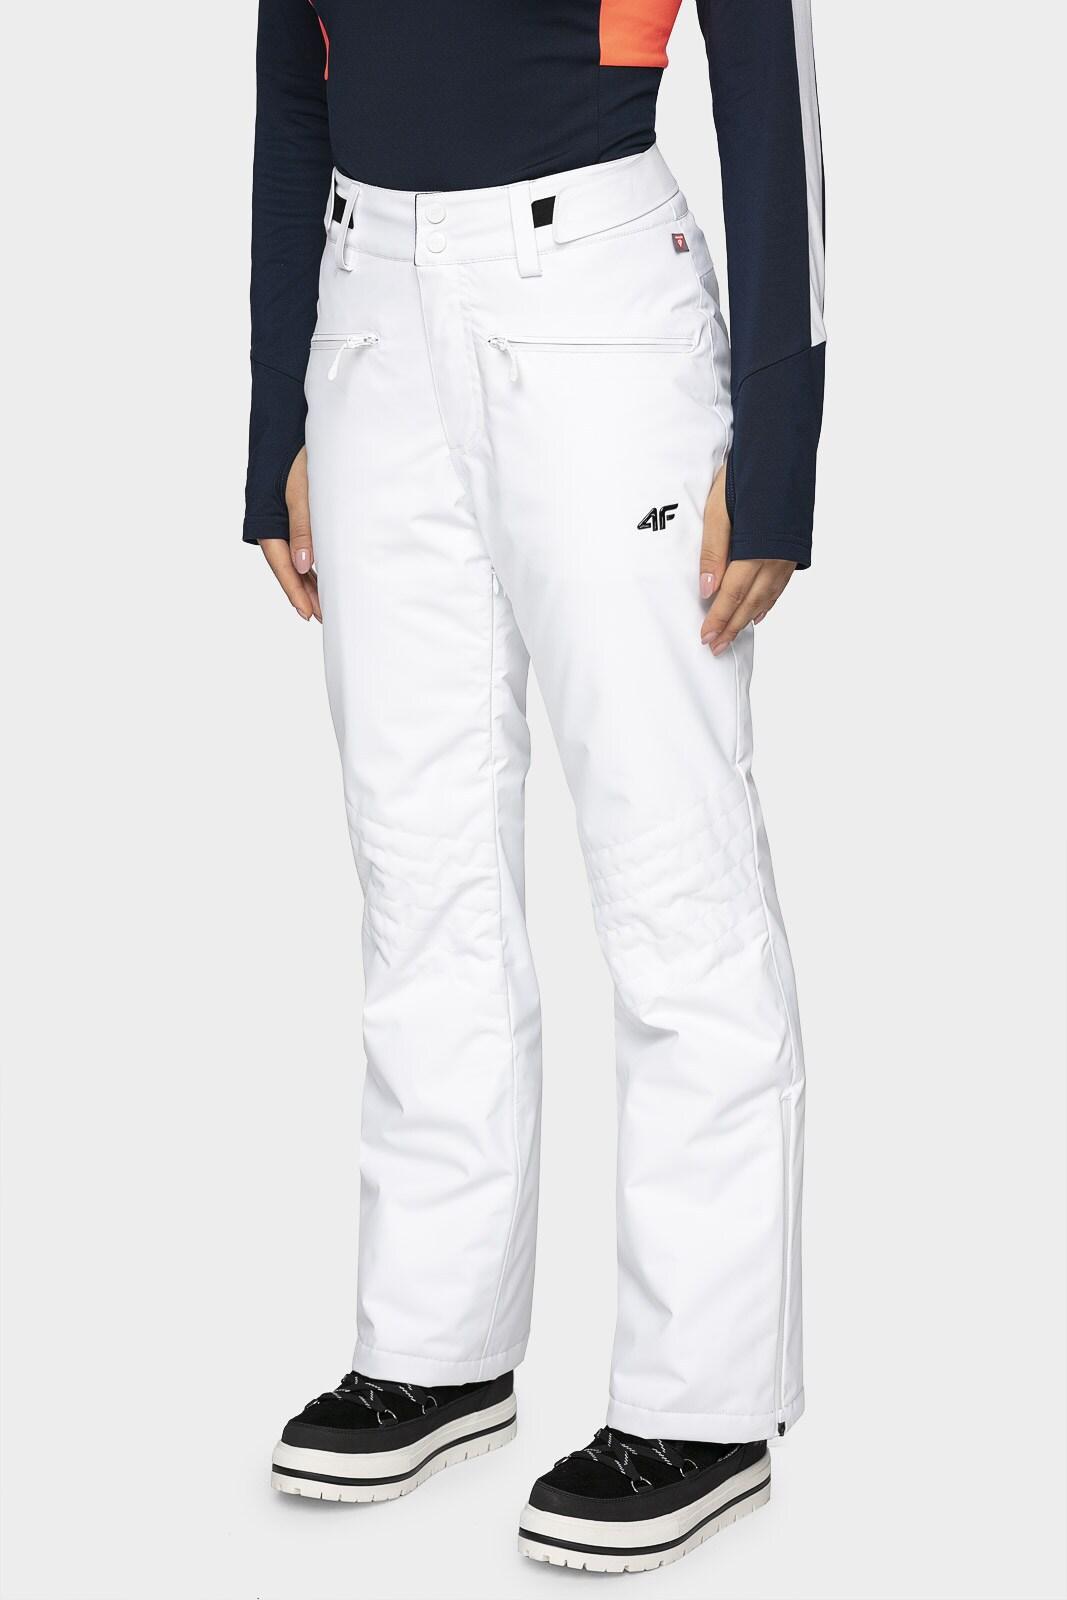 Imagine Pantaloni De Schi Pentru Femei Spdn004 Alb